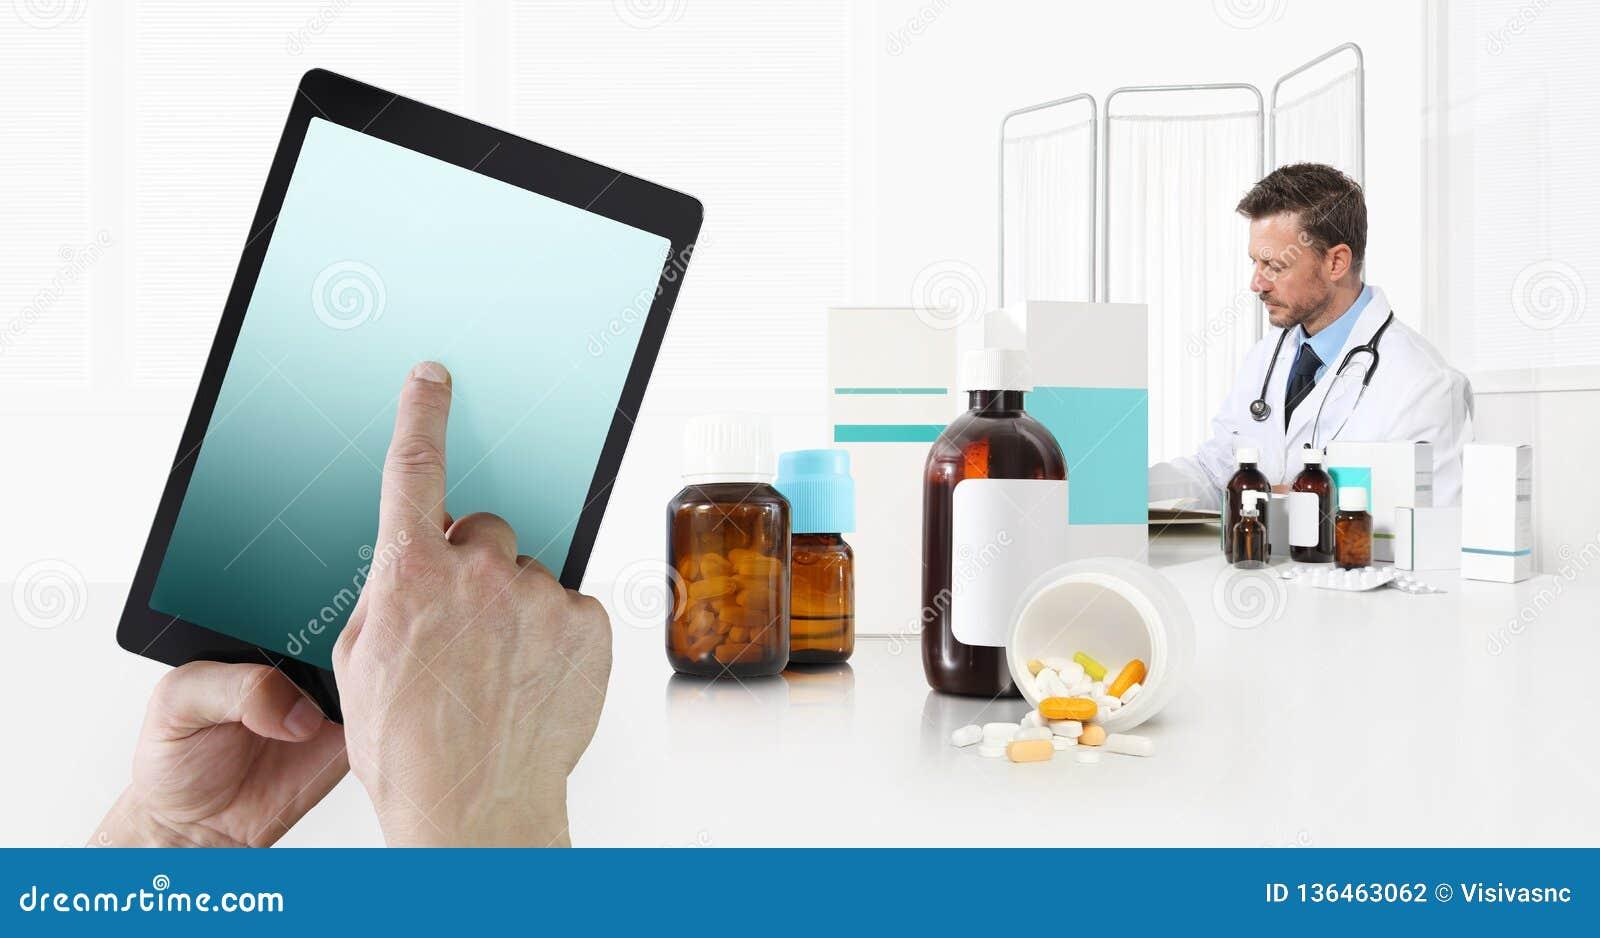 Internet-gezondheidszorg en medisch bij het mobiele apparatenoverleg, handtouch screen over digitale tablet, arts op bureaukantoo